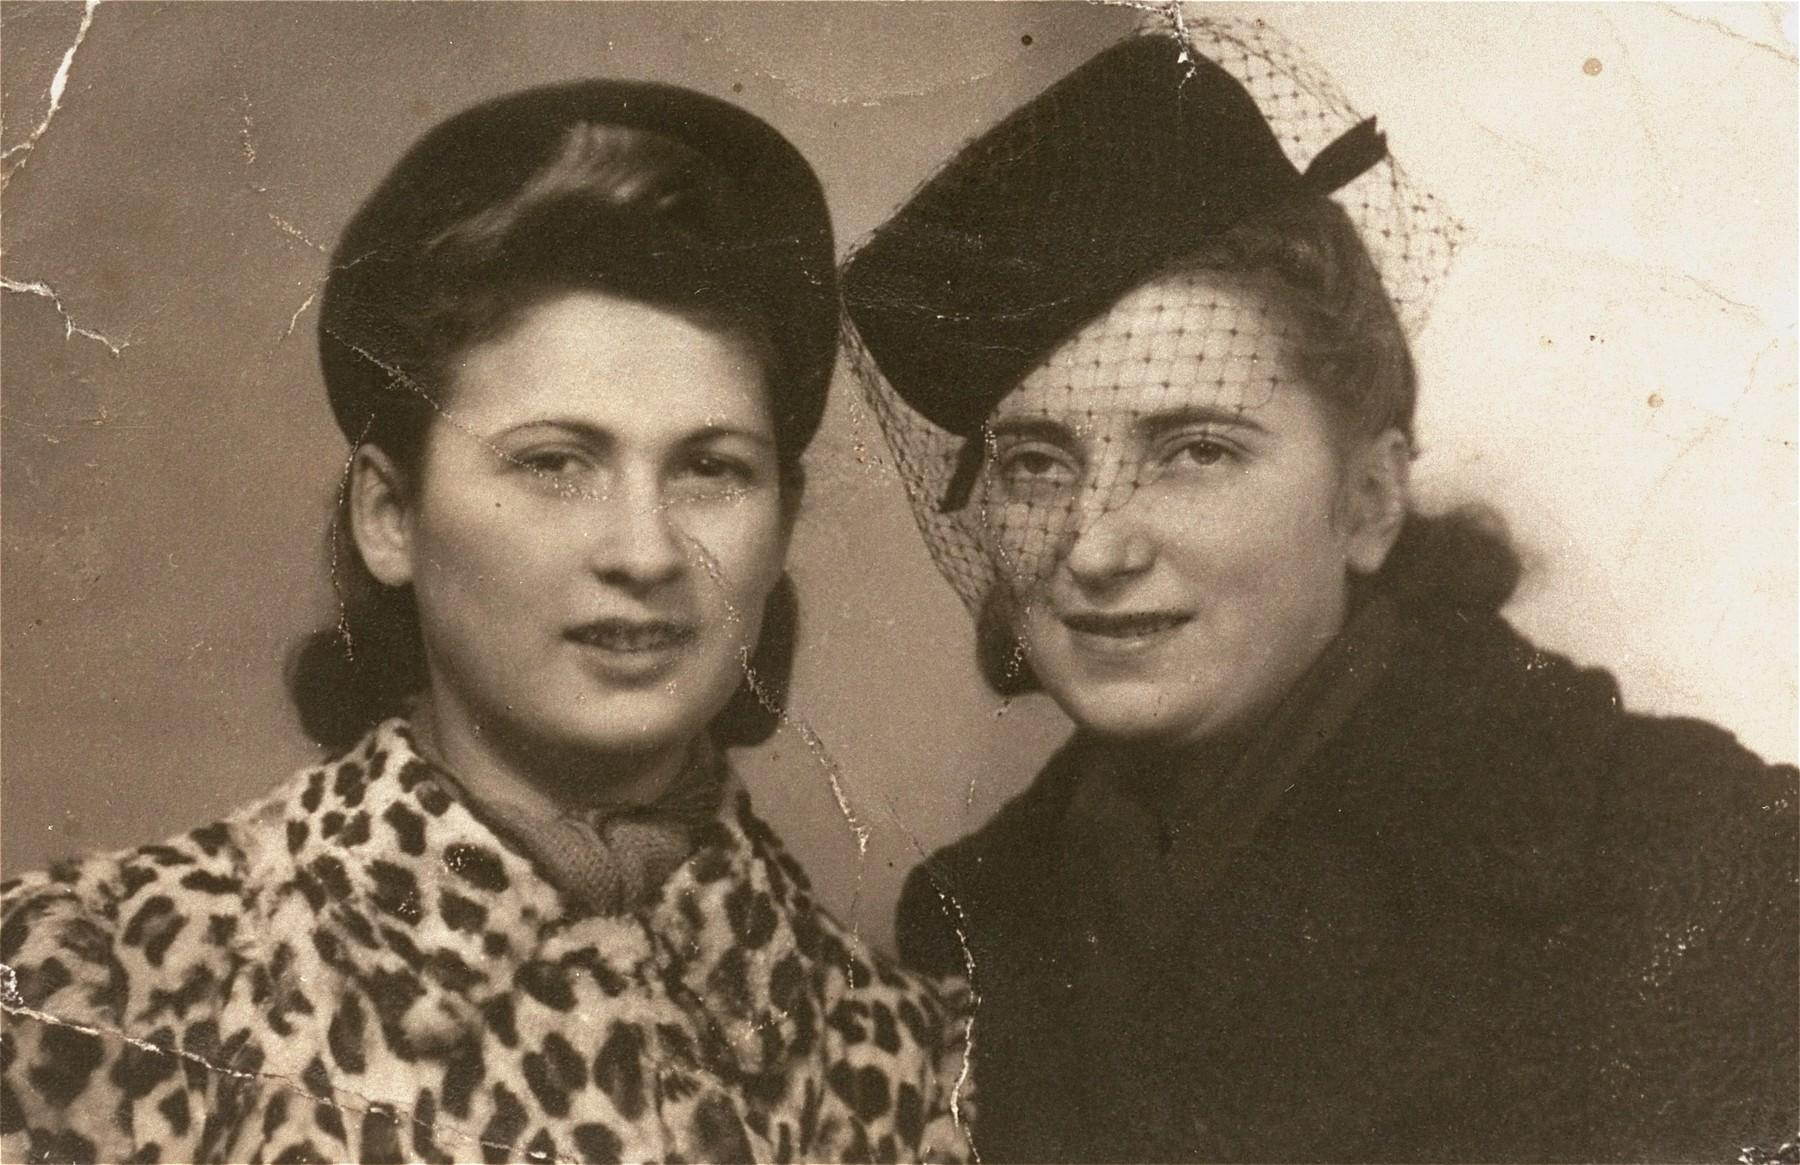 Portrait of Irka Cymerman (left) and Aleksandra Ola Wojcik, the sister of her rescuer, Wladyslaw Wojcik.